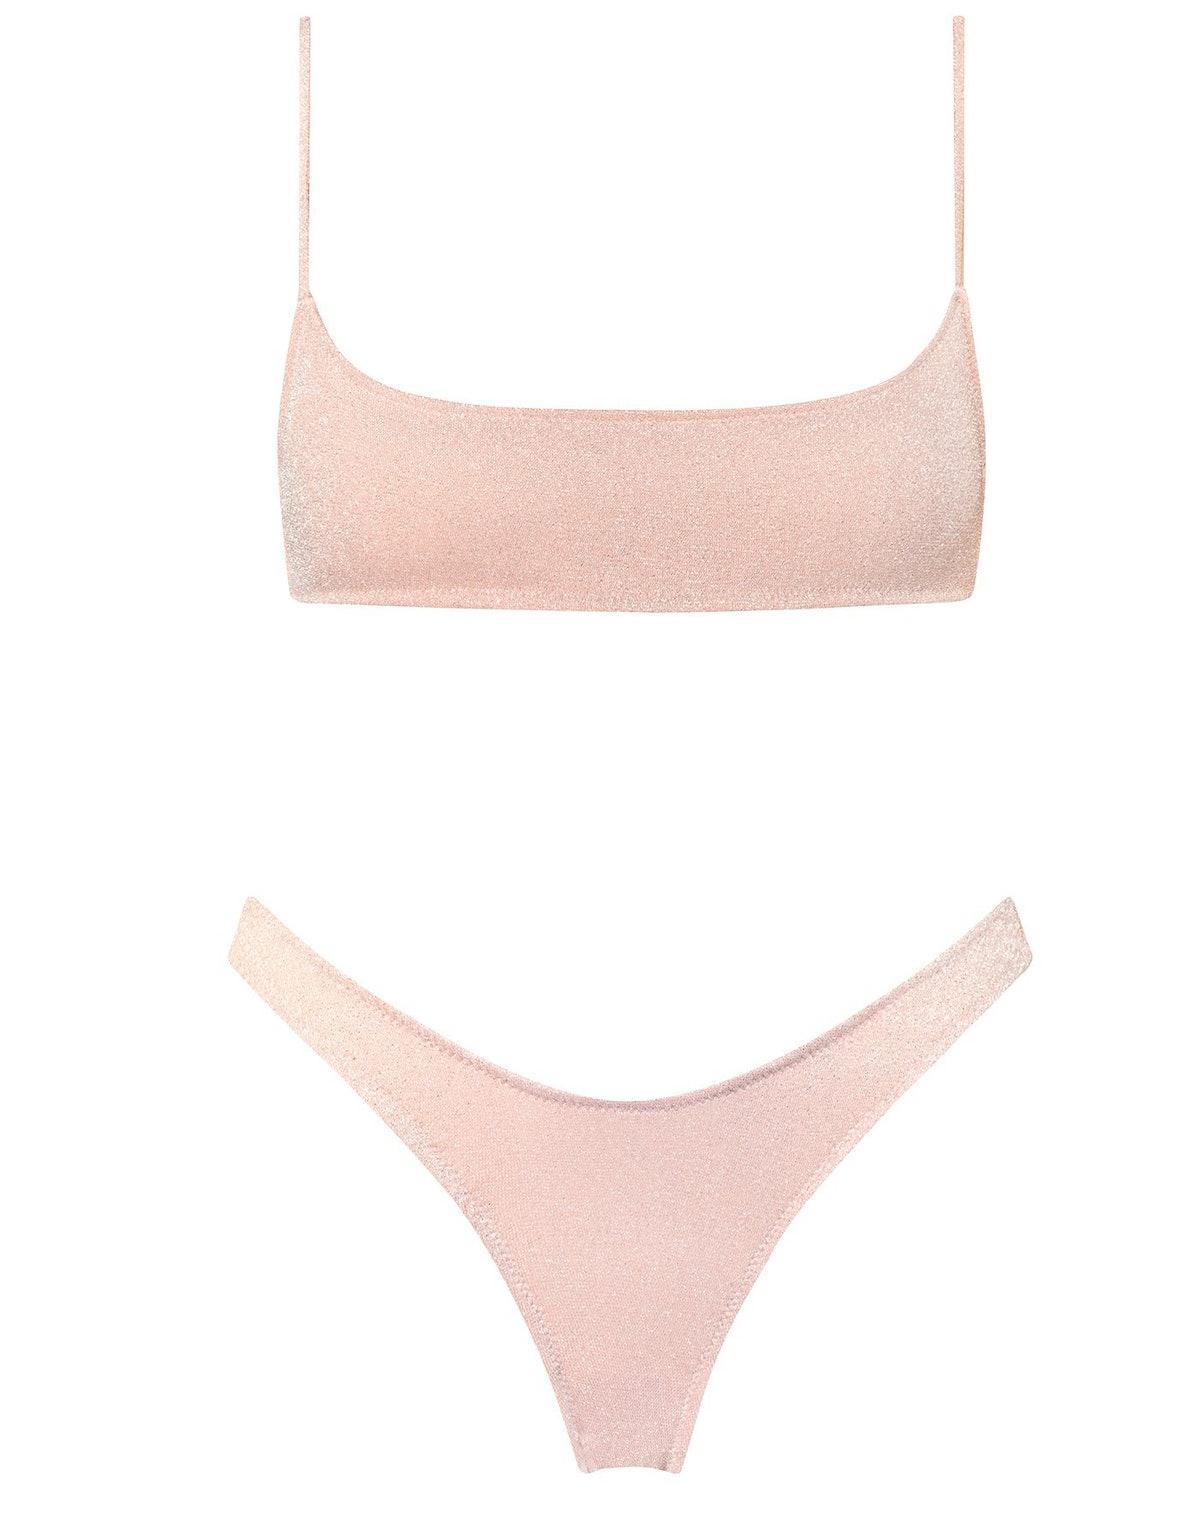 Blush Mica Lurex Bikini